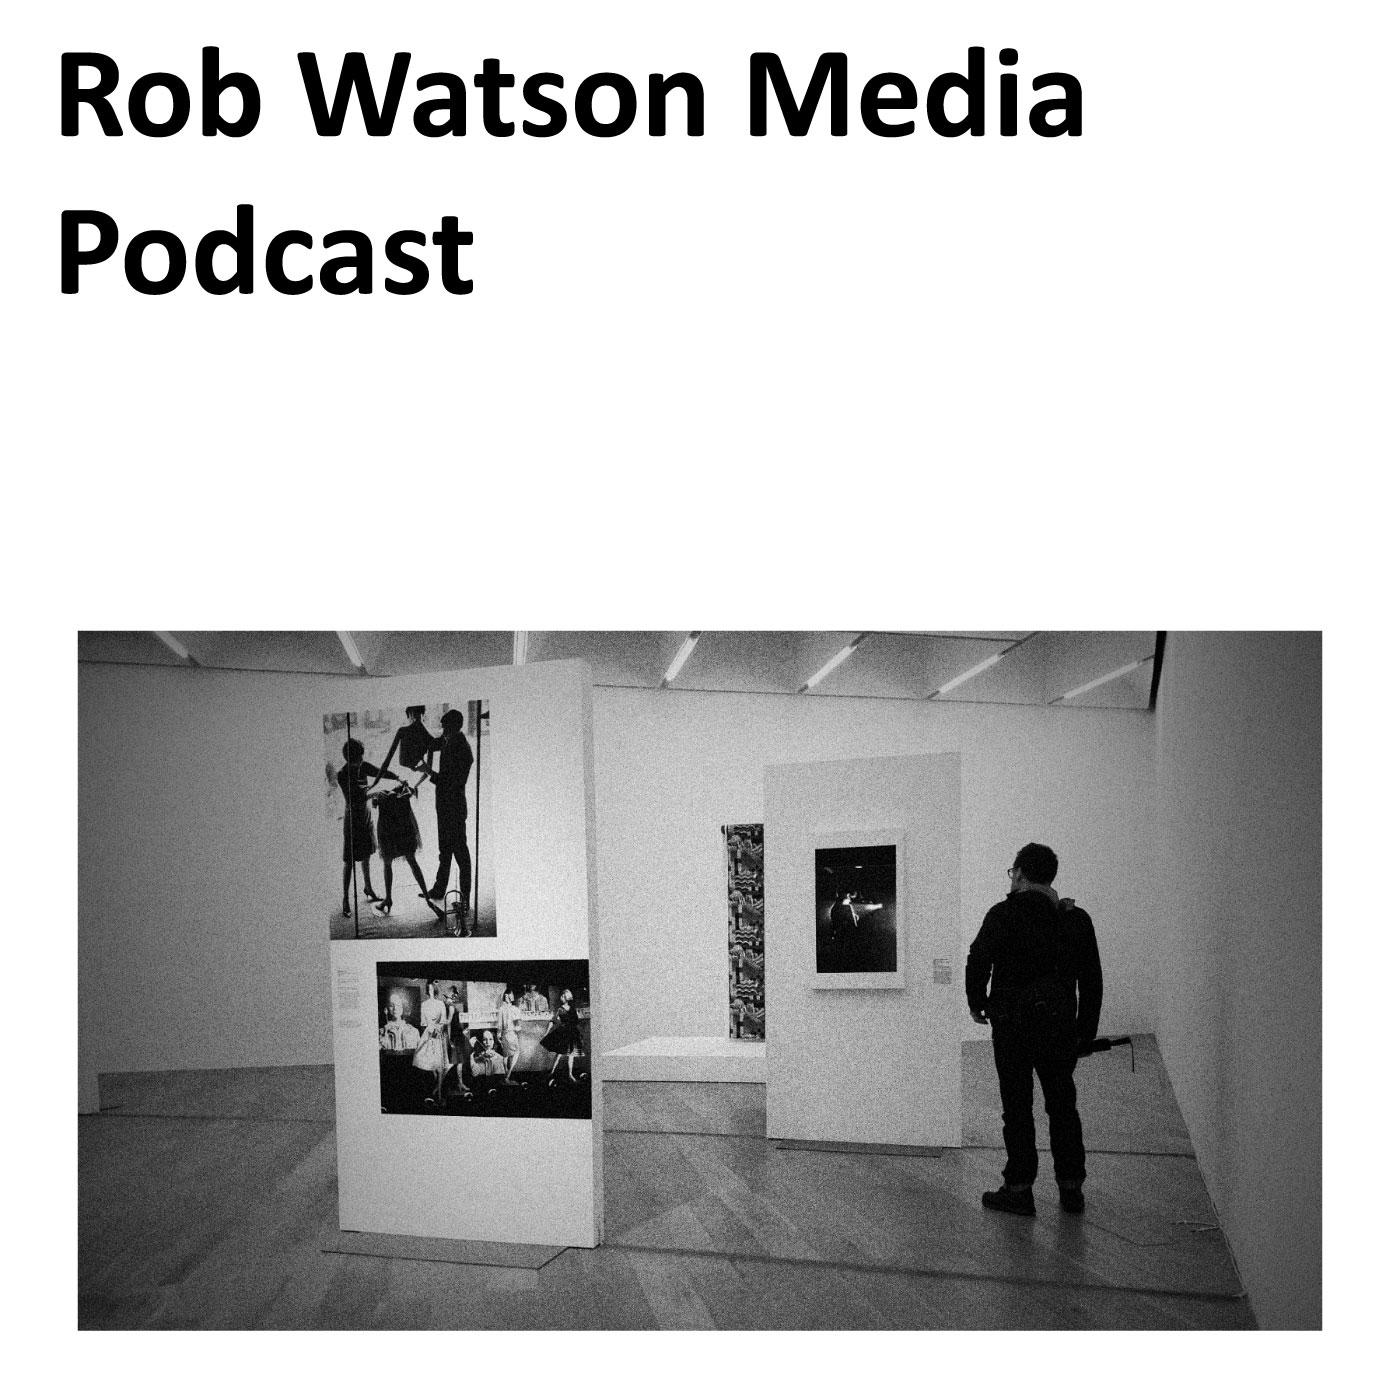 Rob Watson Media